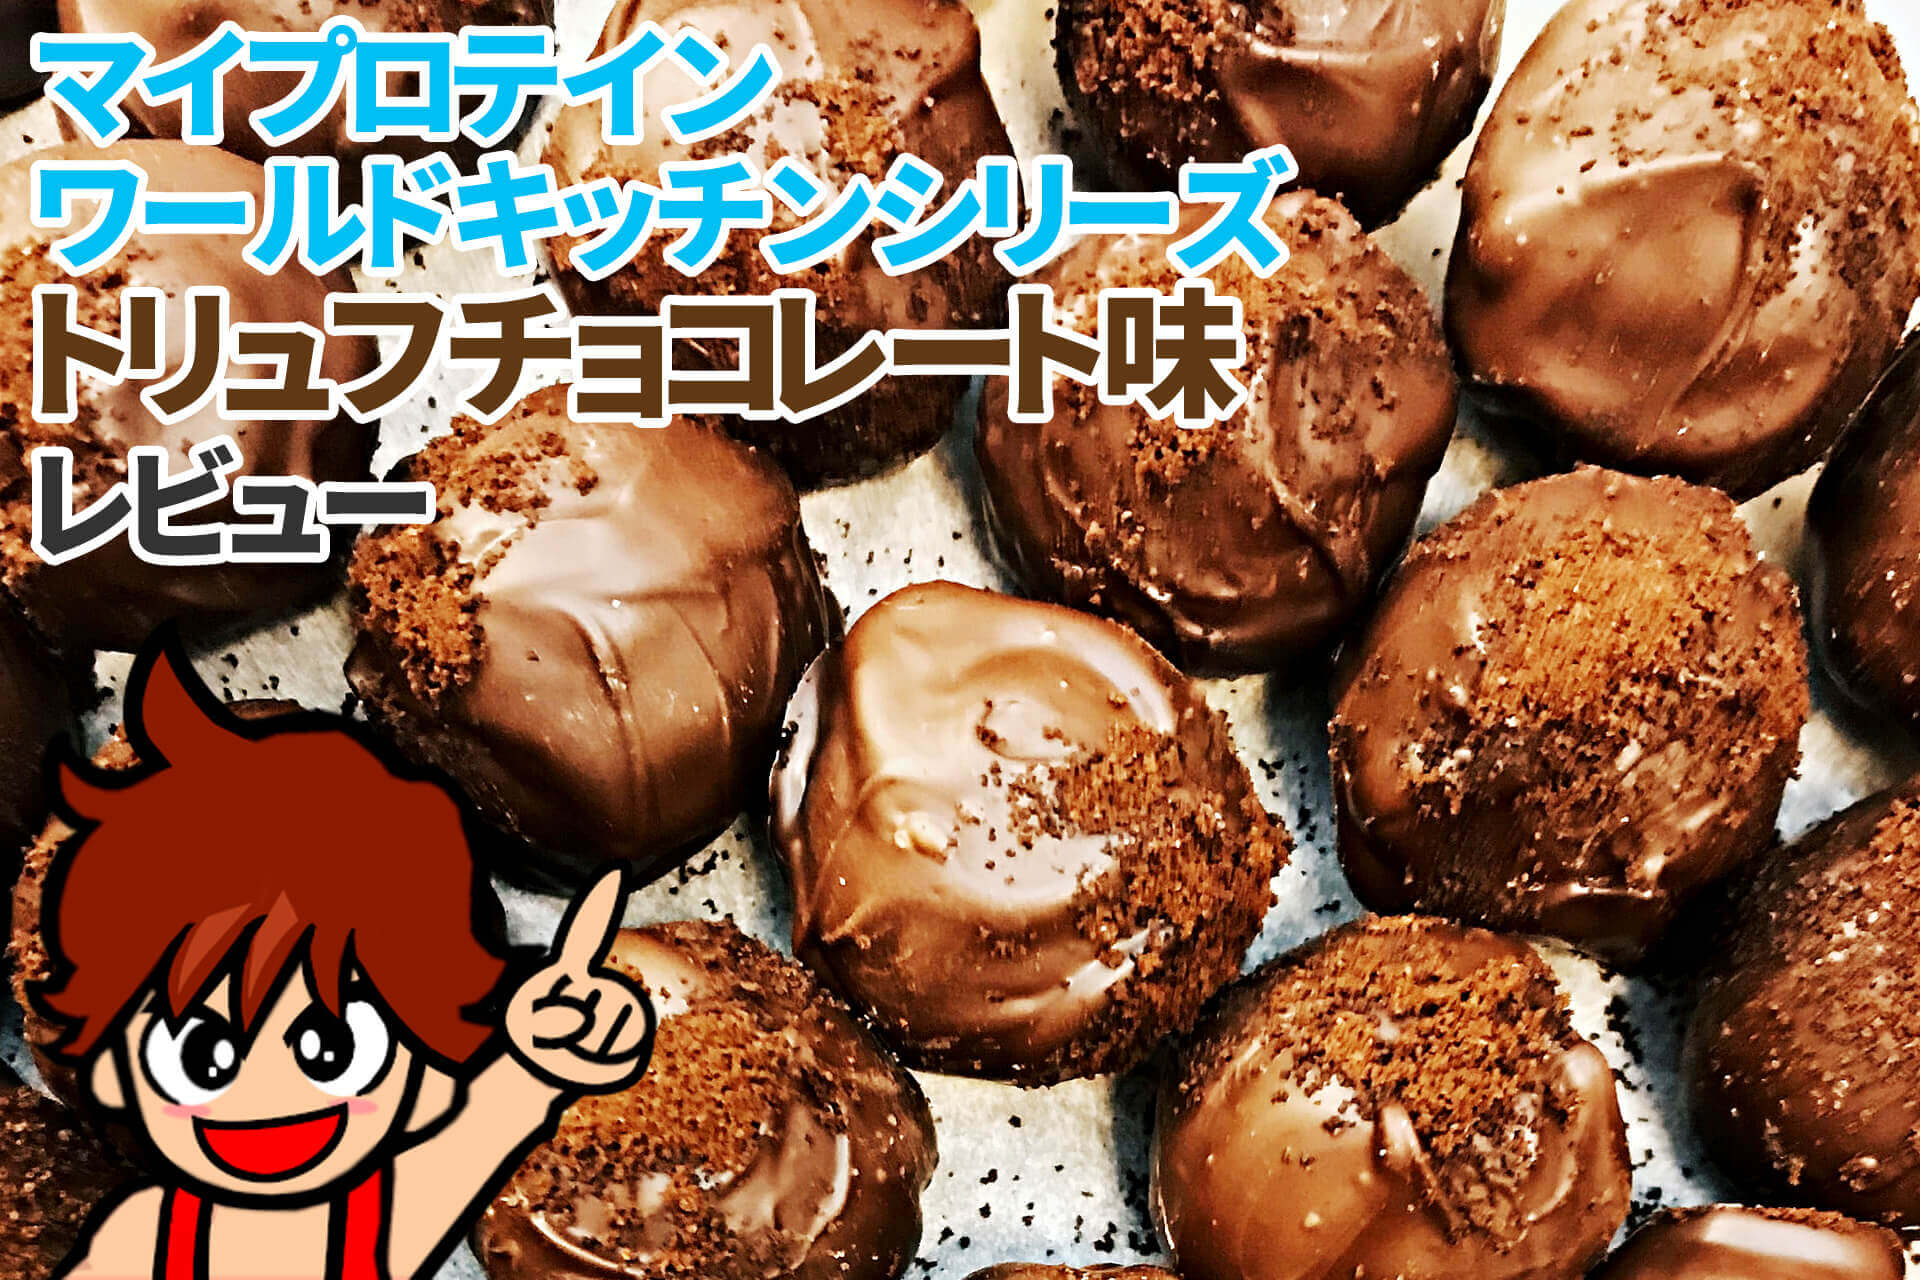 マイプロテイン ワールドキッチンシリーズ トリュフチョコレート味 レビュー